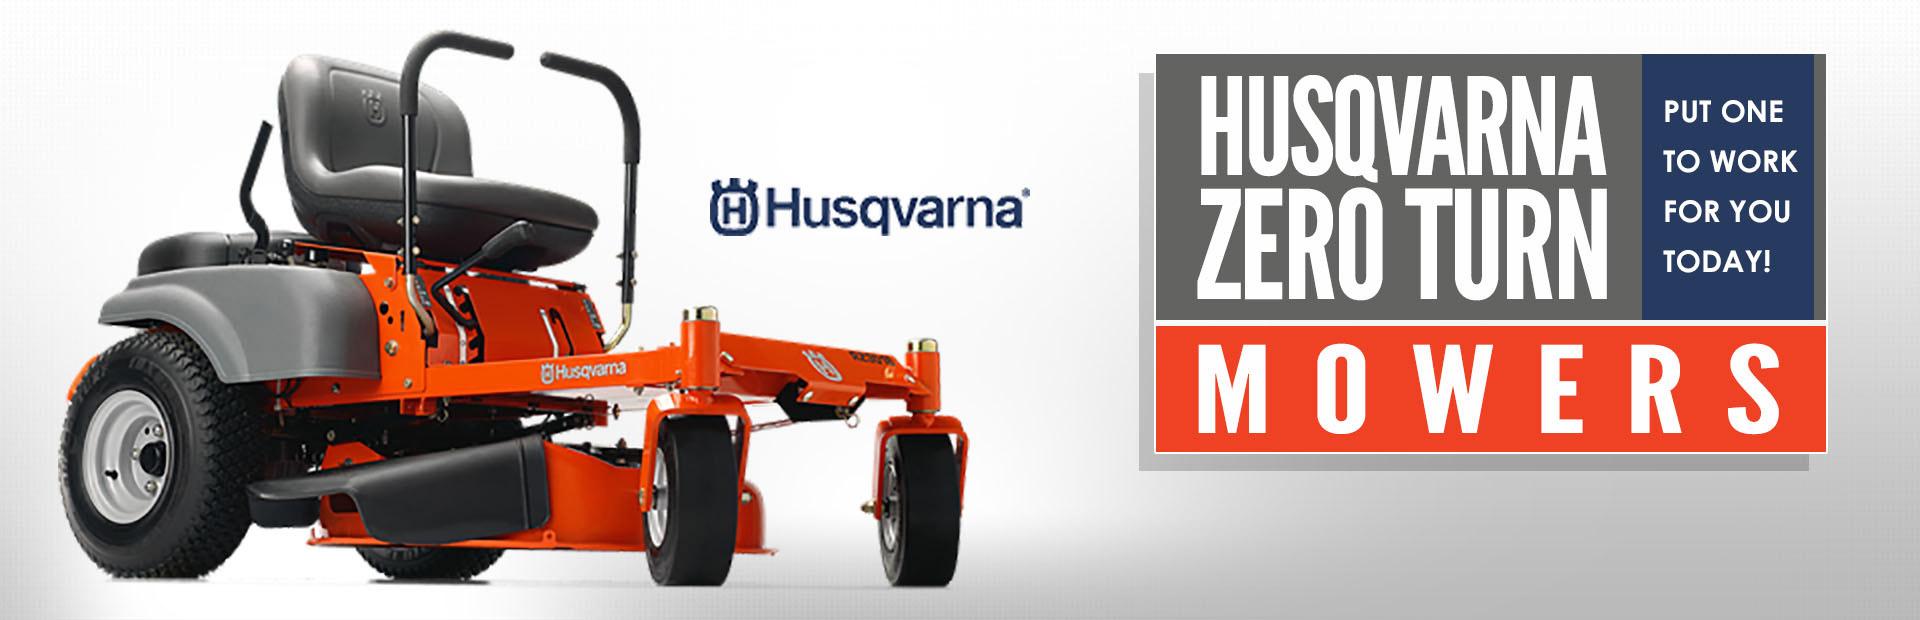 Husqvarna Zero Turn Mowers: Click here to view the models.